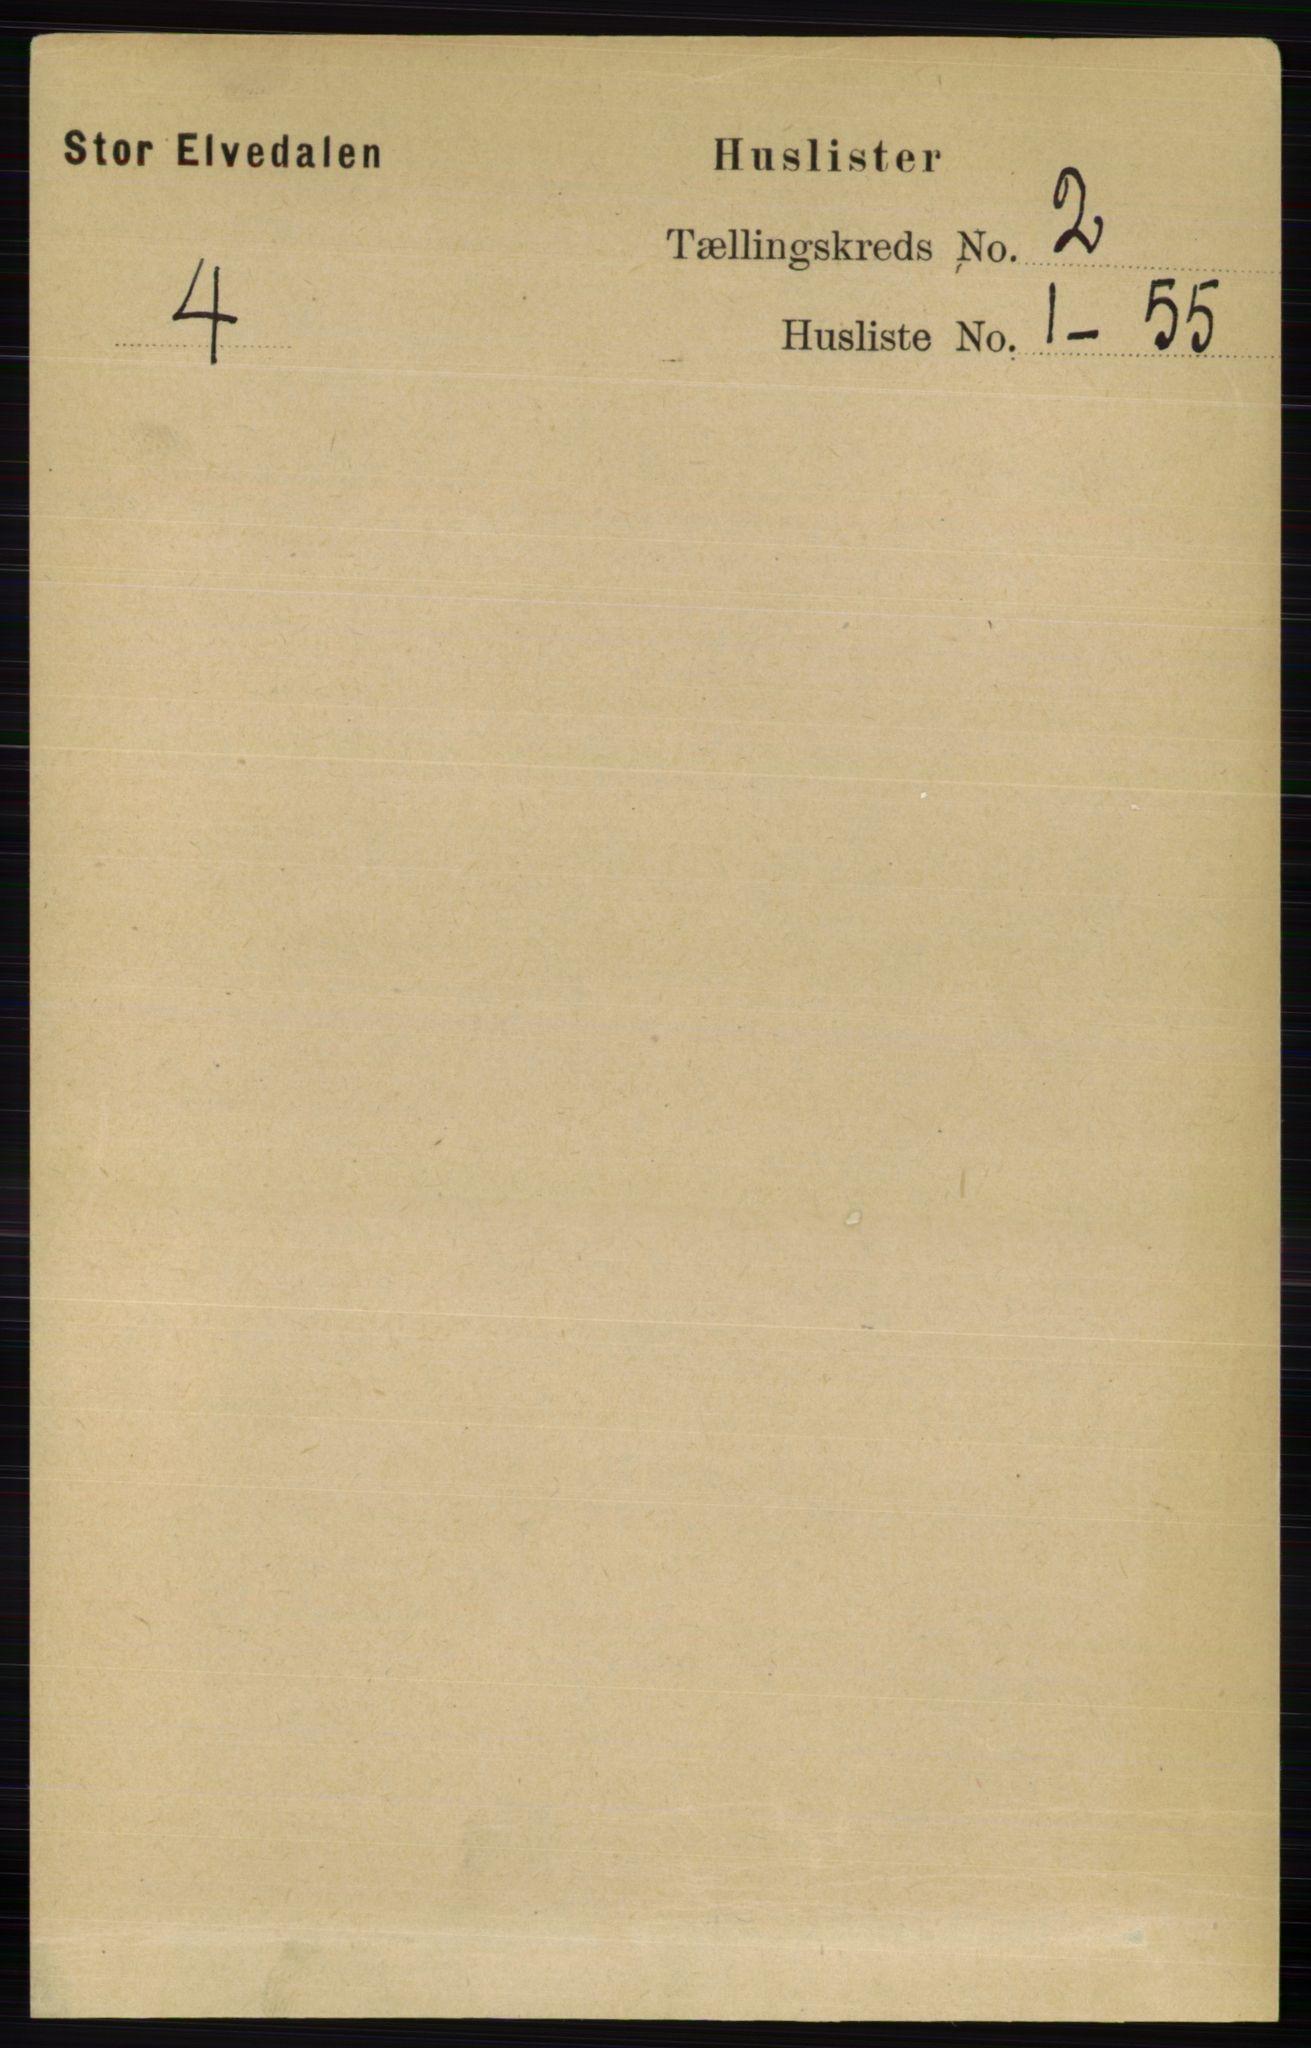 RA, Folketelling 1891 for 0430 Stor-Elvdal herred, 1891, s. 327